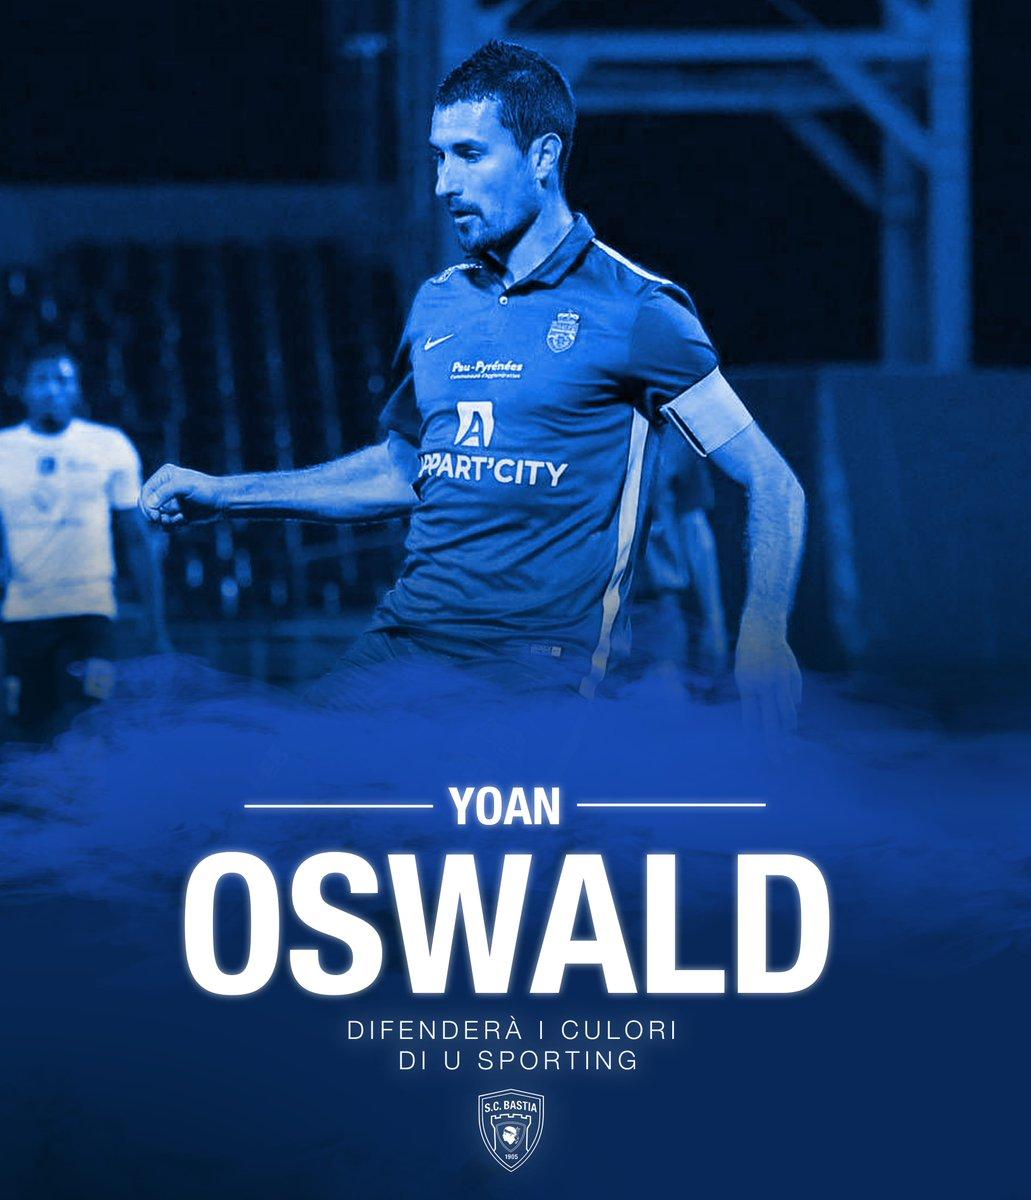 Yoan Oswald